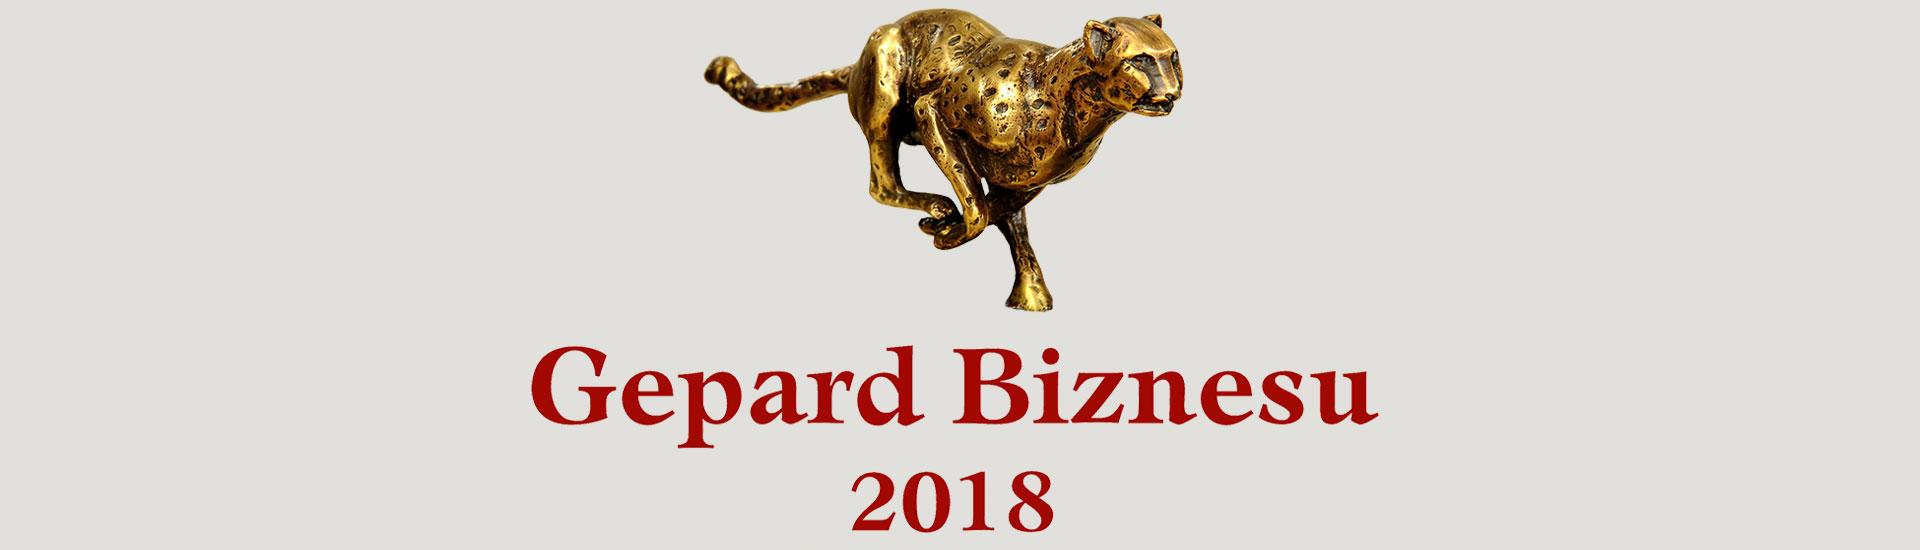 Logo-Promocyjne-Gepard-Biznesu-2018-ze-statuetka